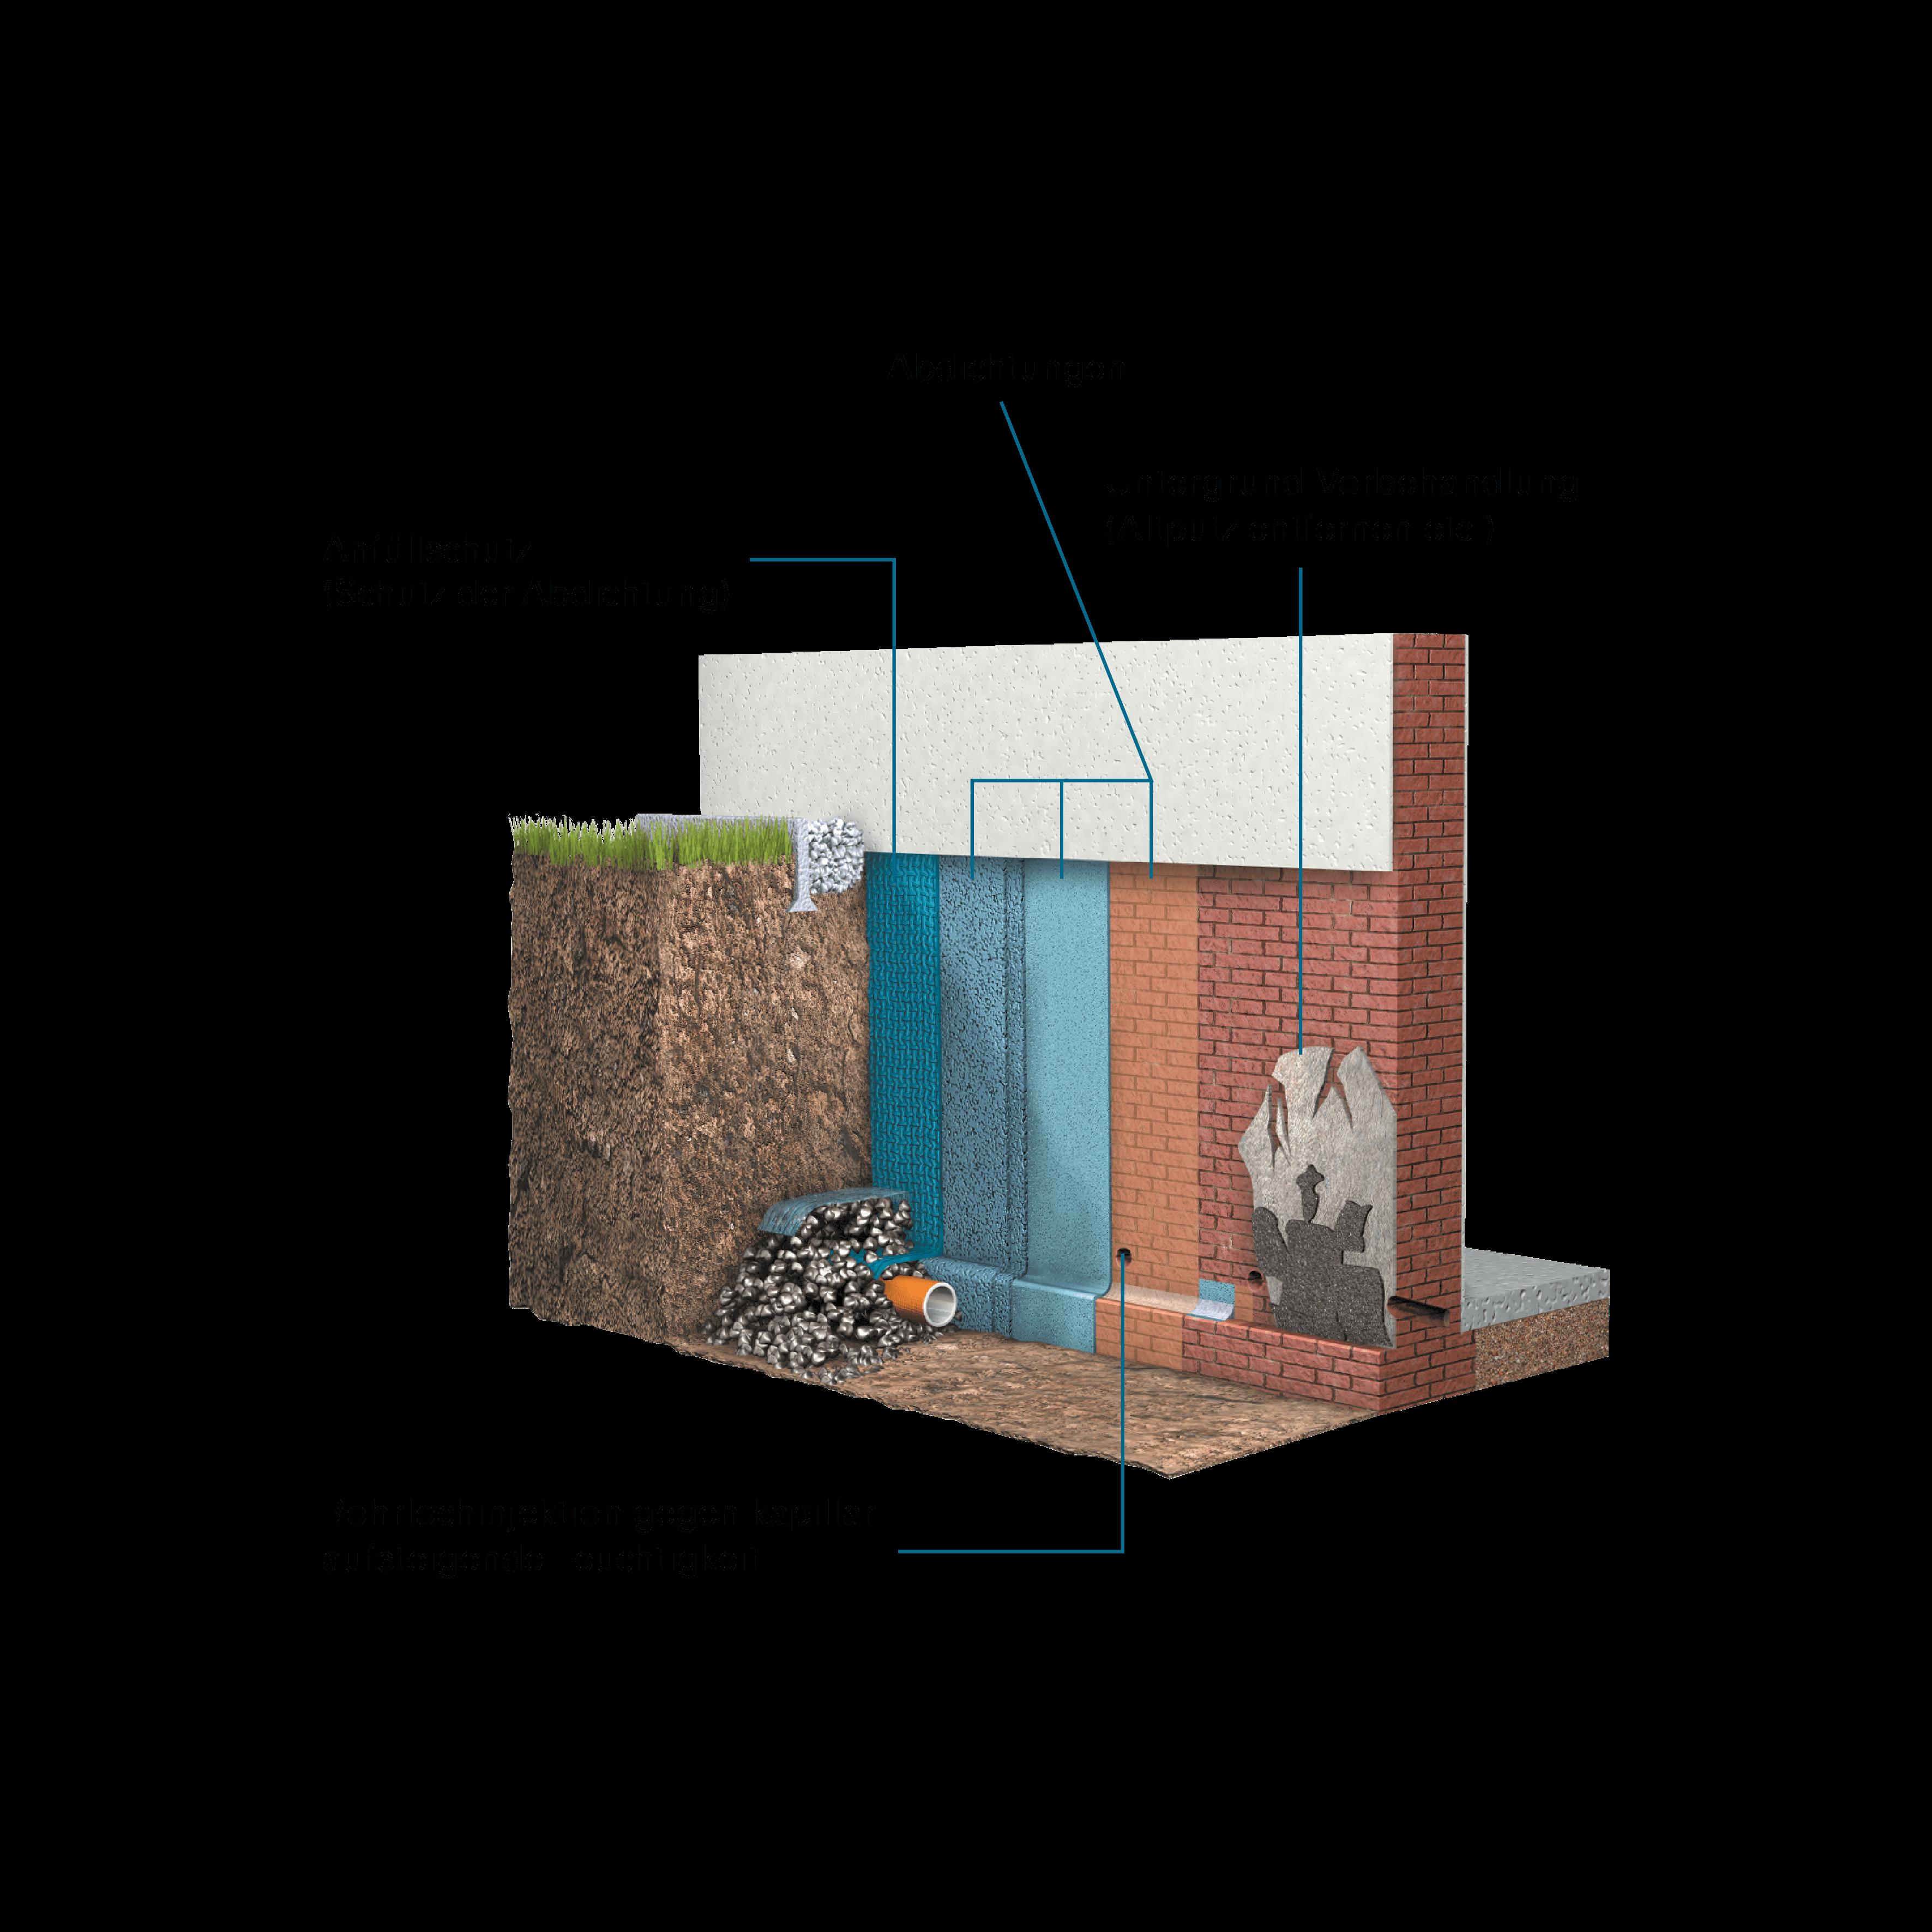 schematische Darstellung Außenabdichtung